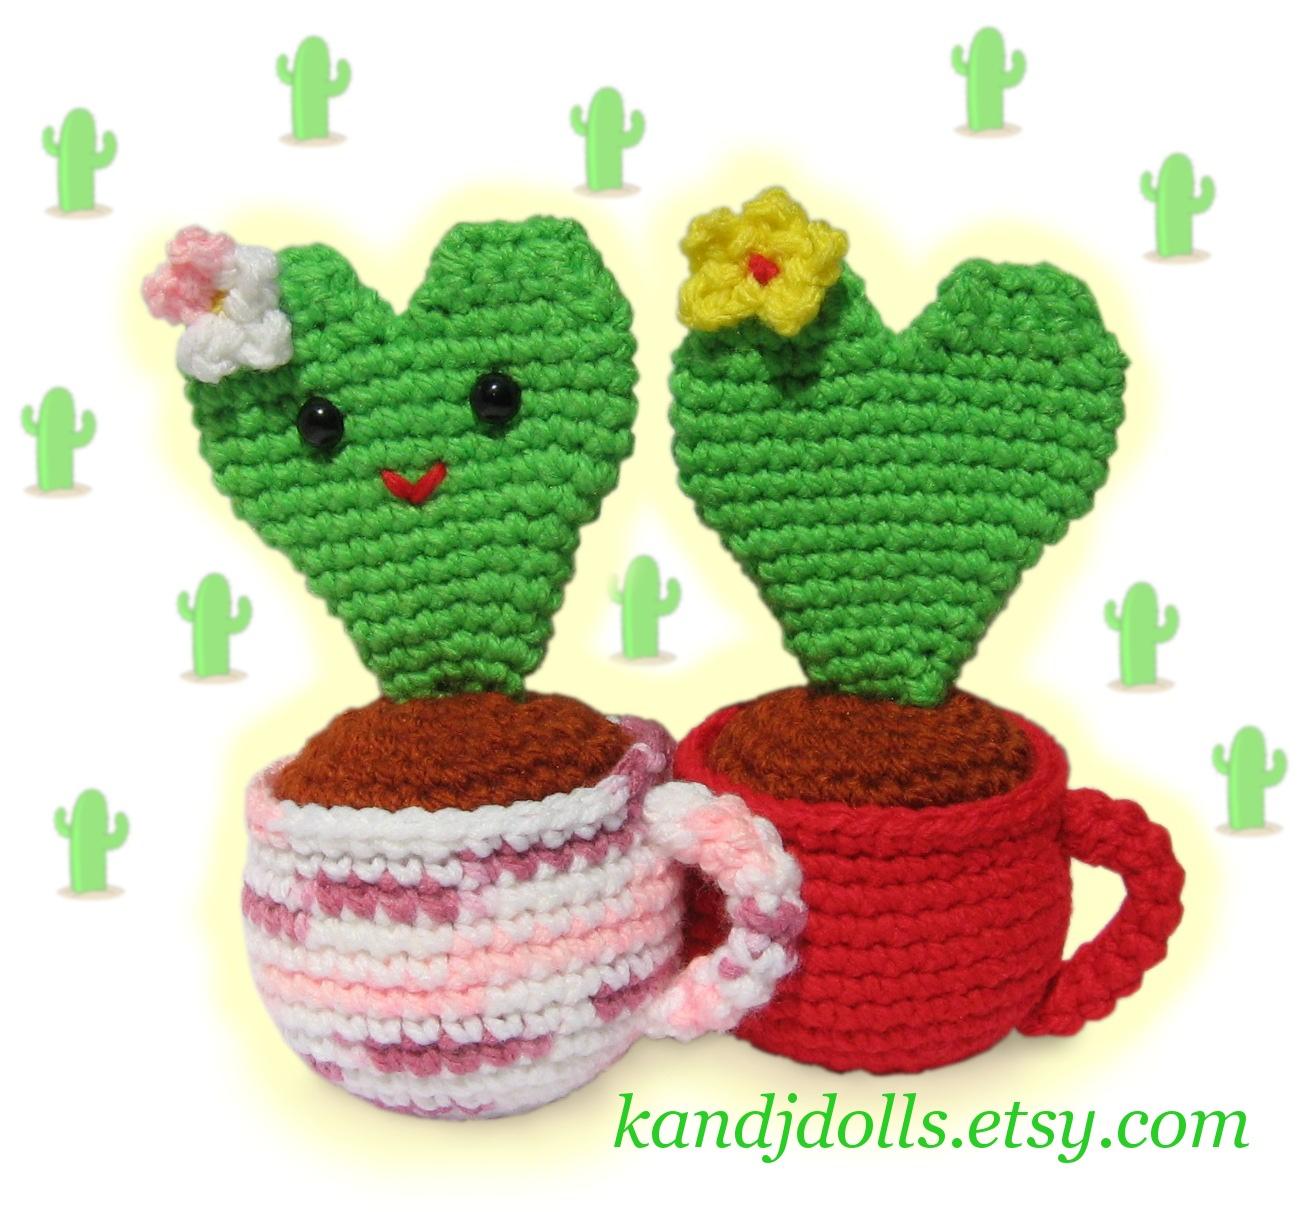 Amigurumi Live - Amigurumi Goose Free Crochet Pattern... | Facebook | 1212x1304